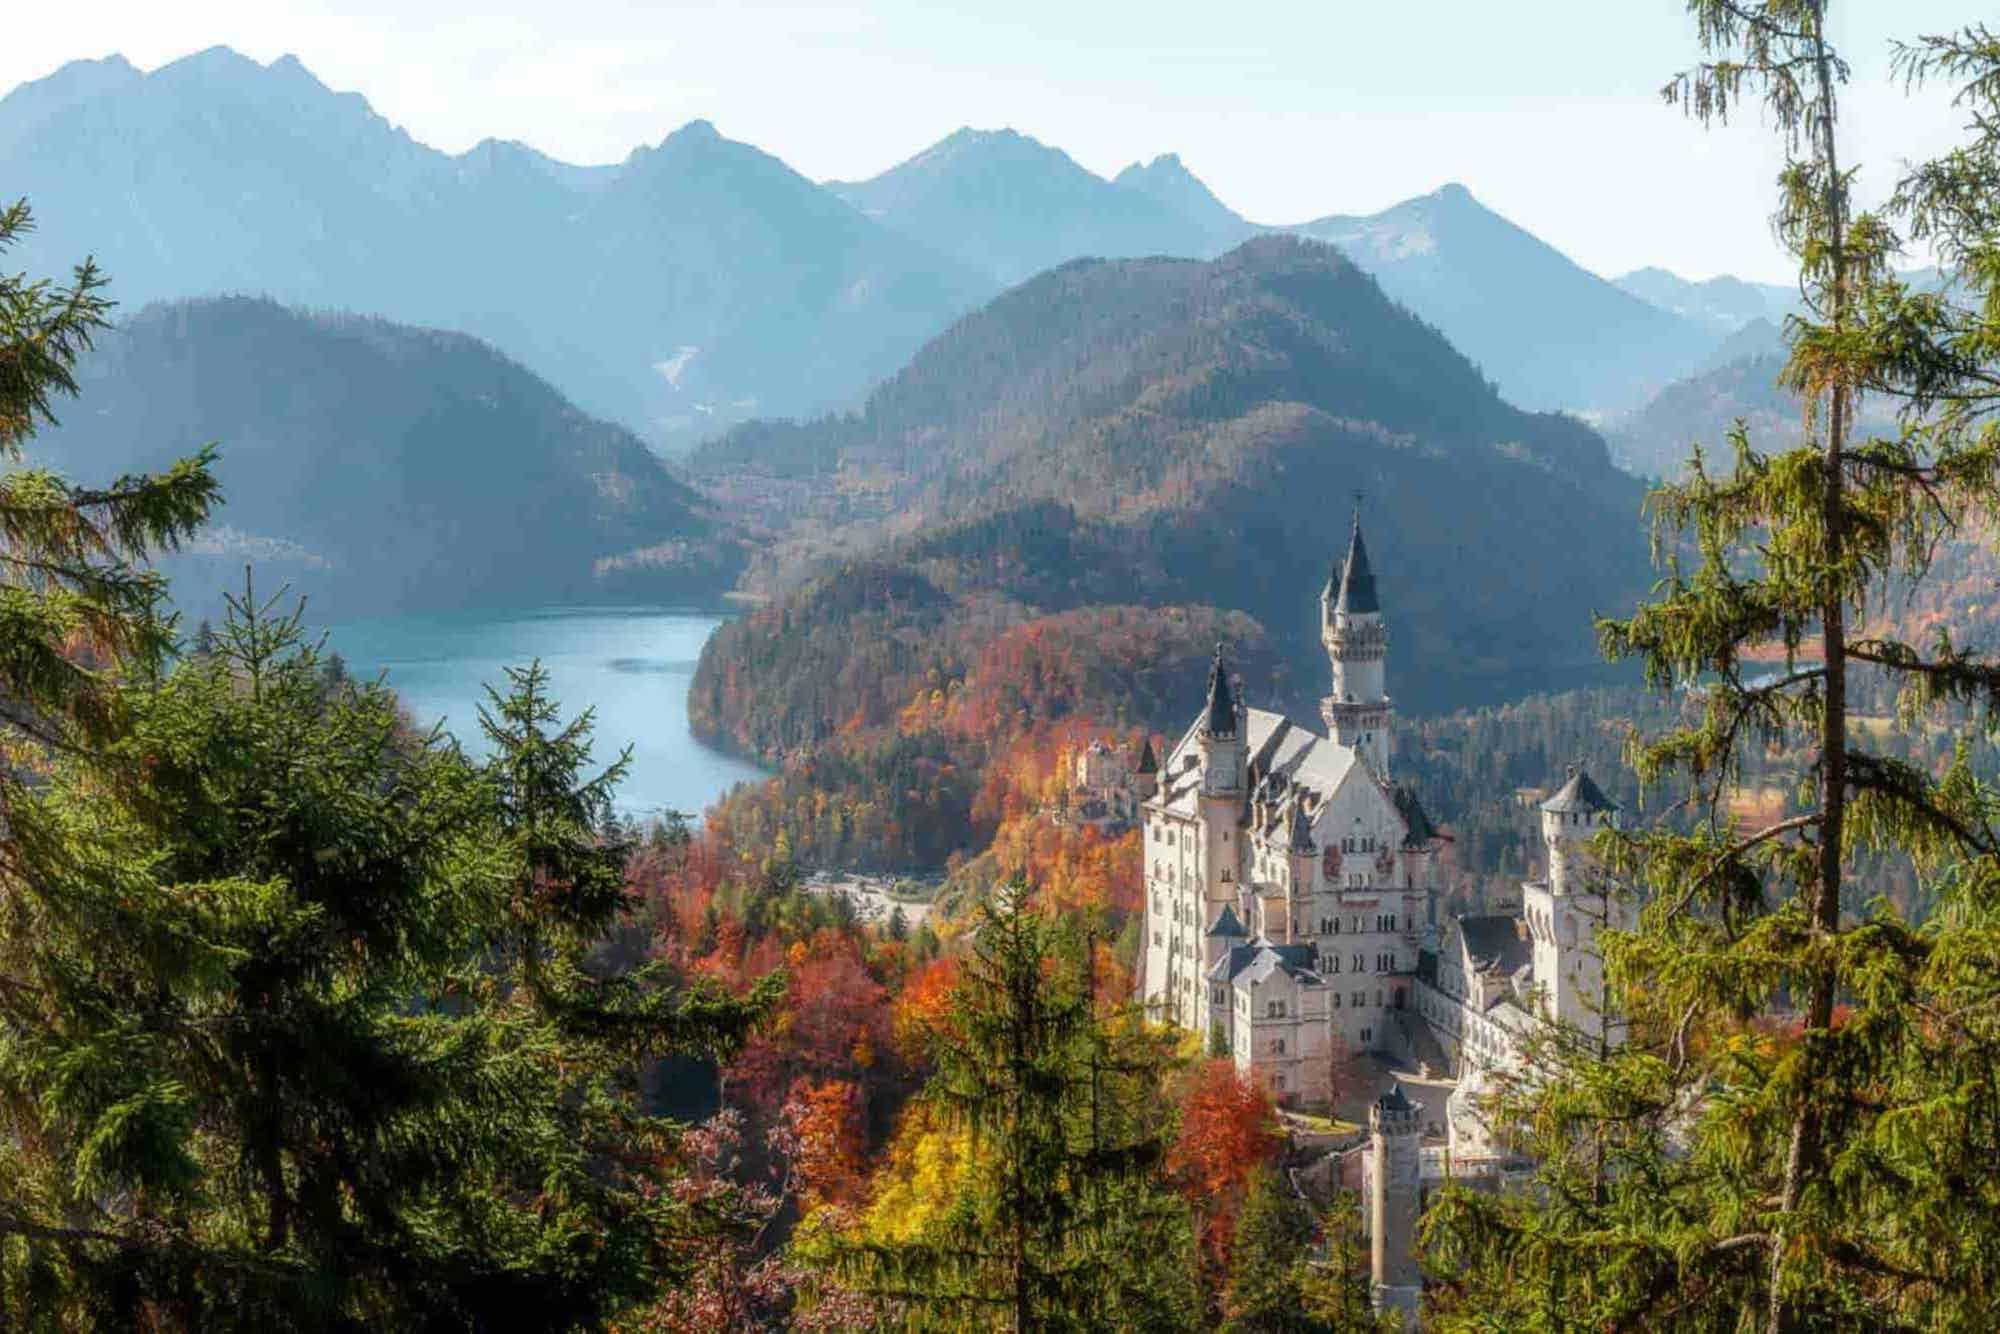 Wunderschöne Landschaft mit Schloss und See auf der Südwestdeutschland-Roadtrip